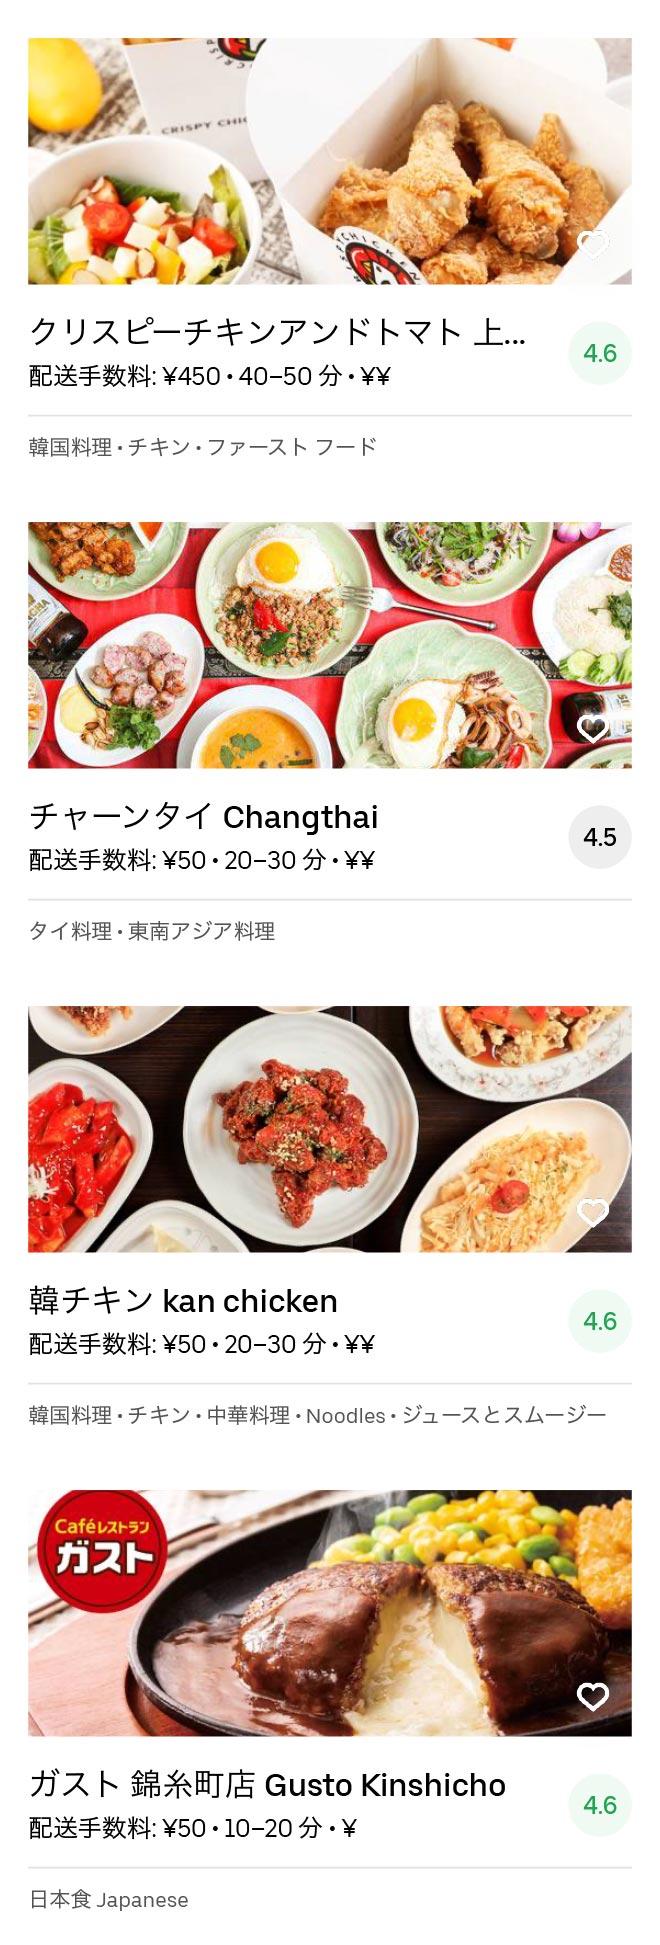 Tokyo kinshicho menu 2005 10